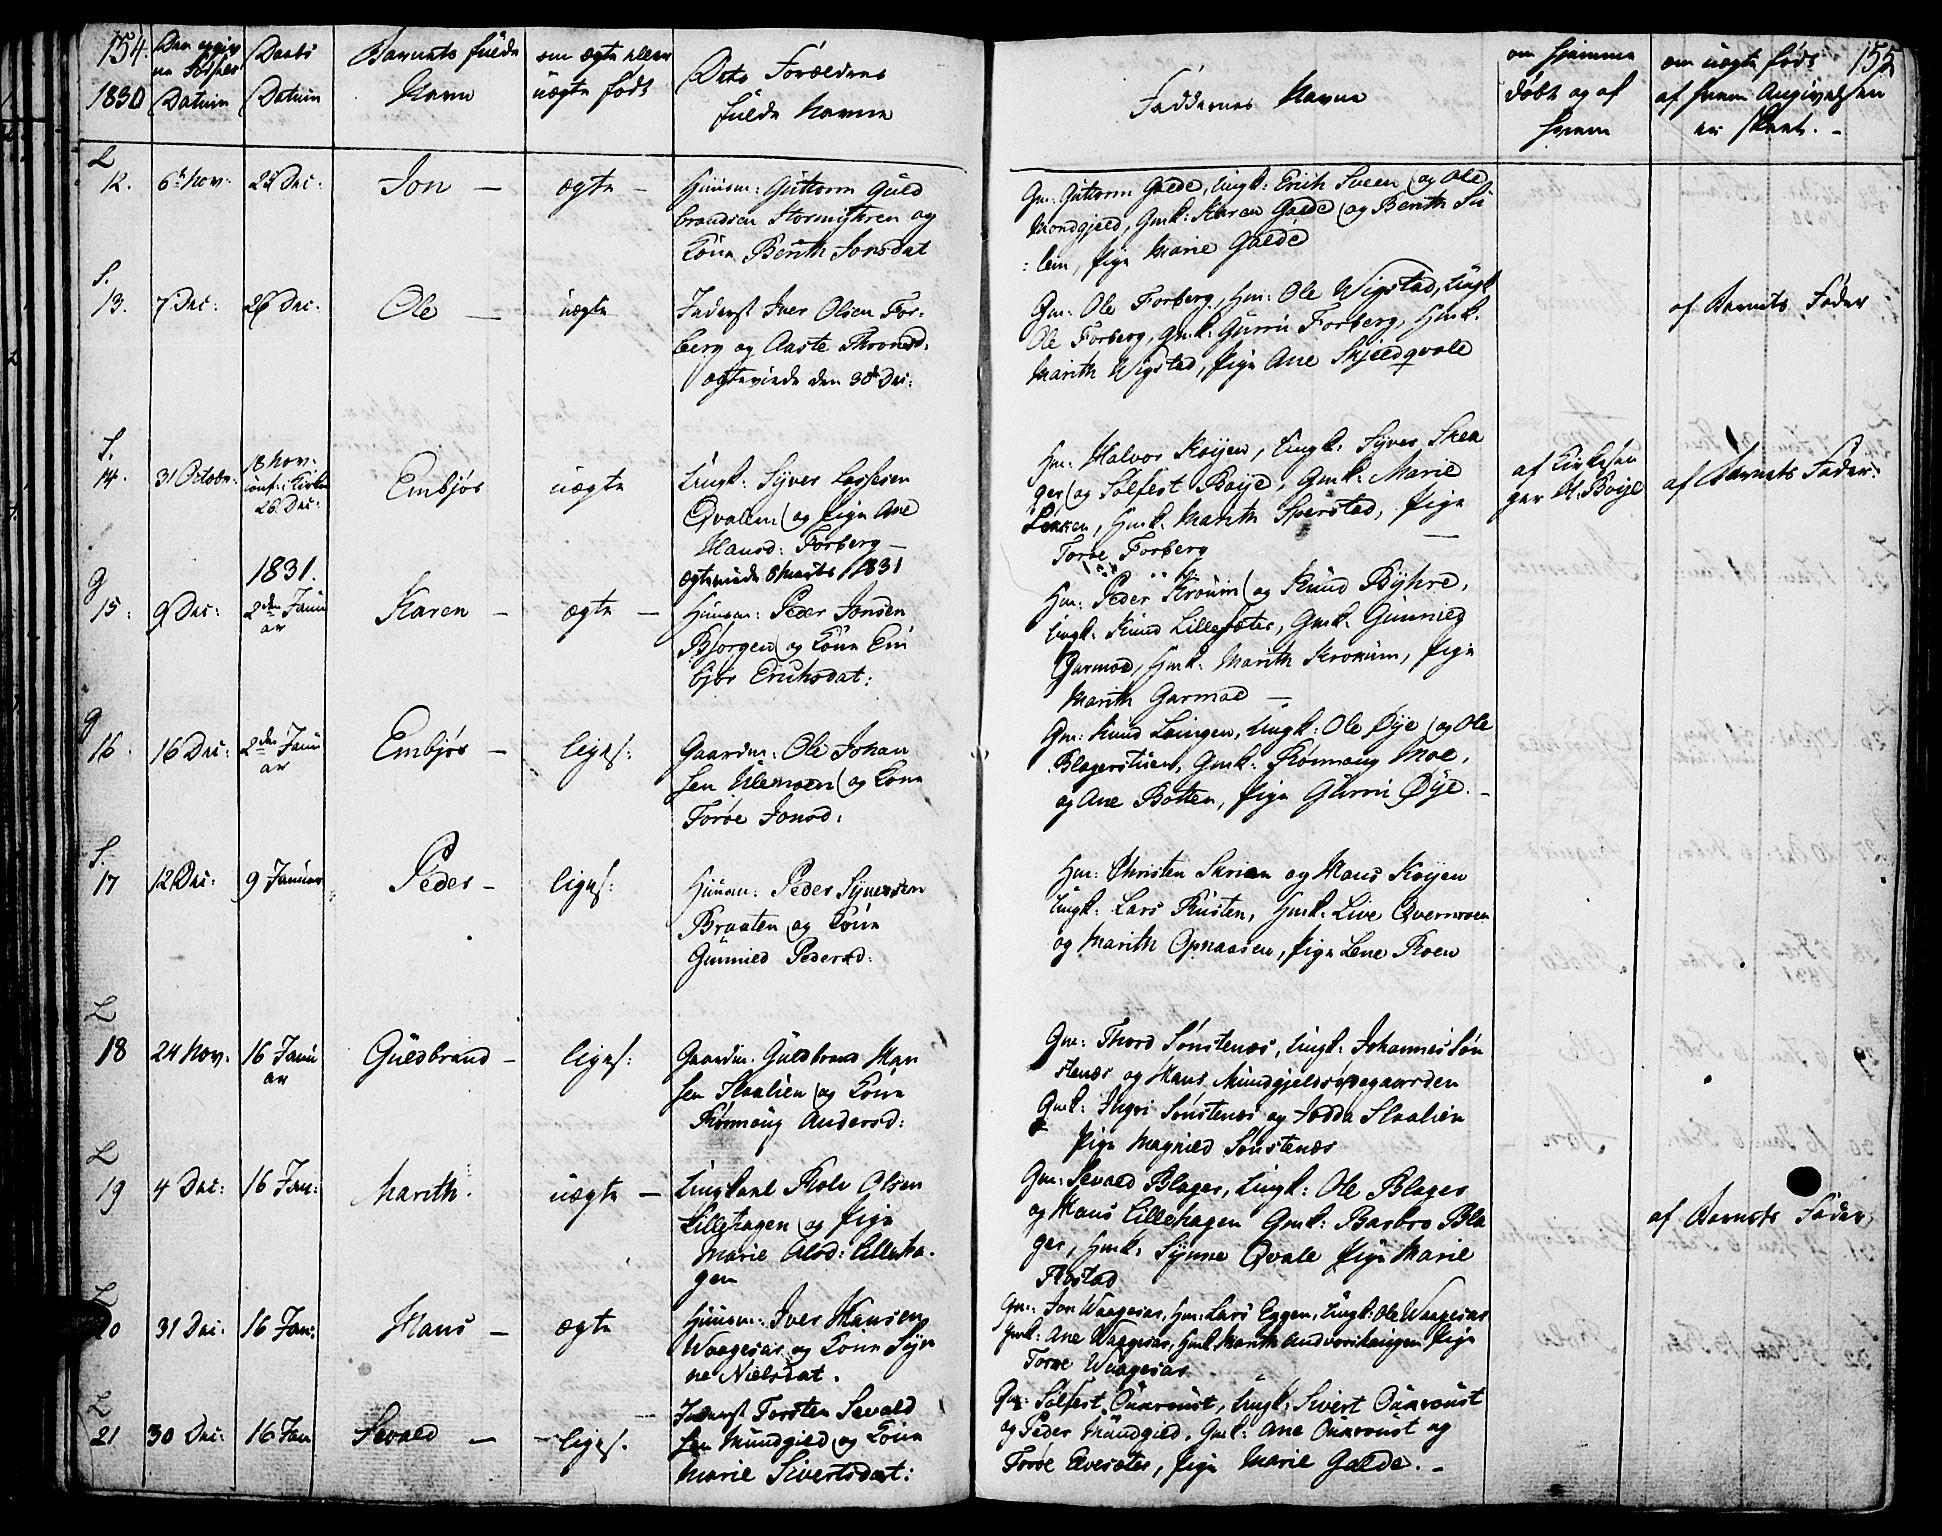 SAH, Lom prestekontor, K/L0005: Ministerialbok nr. 5, 1825-1837, s. 154-155